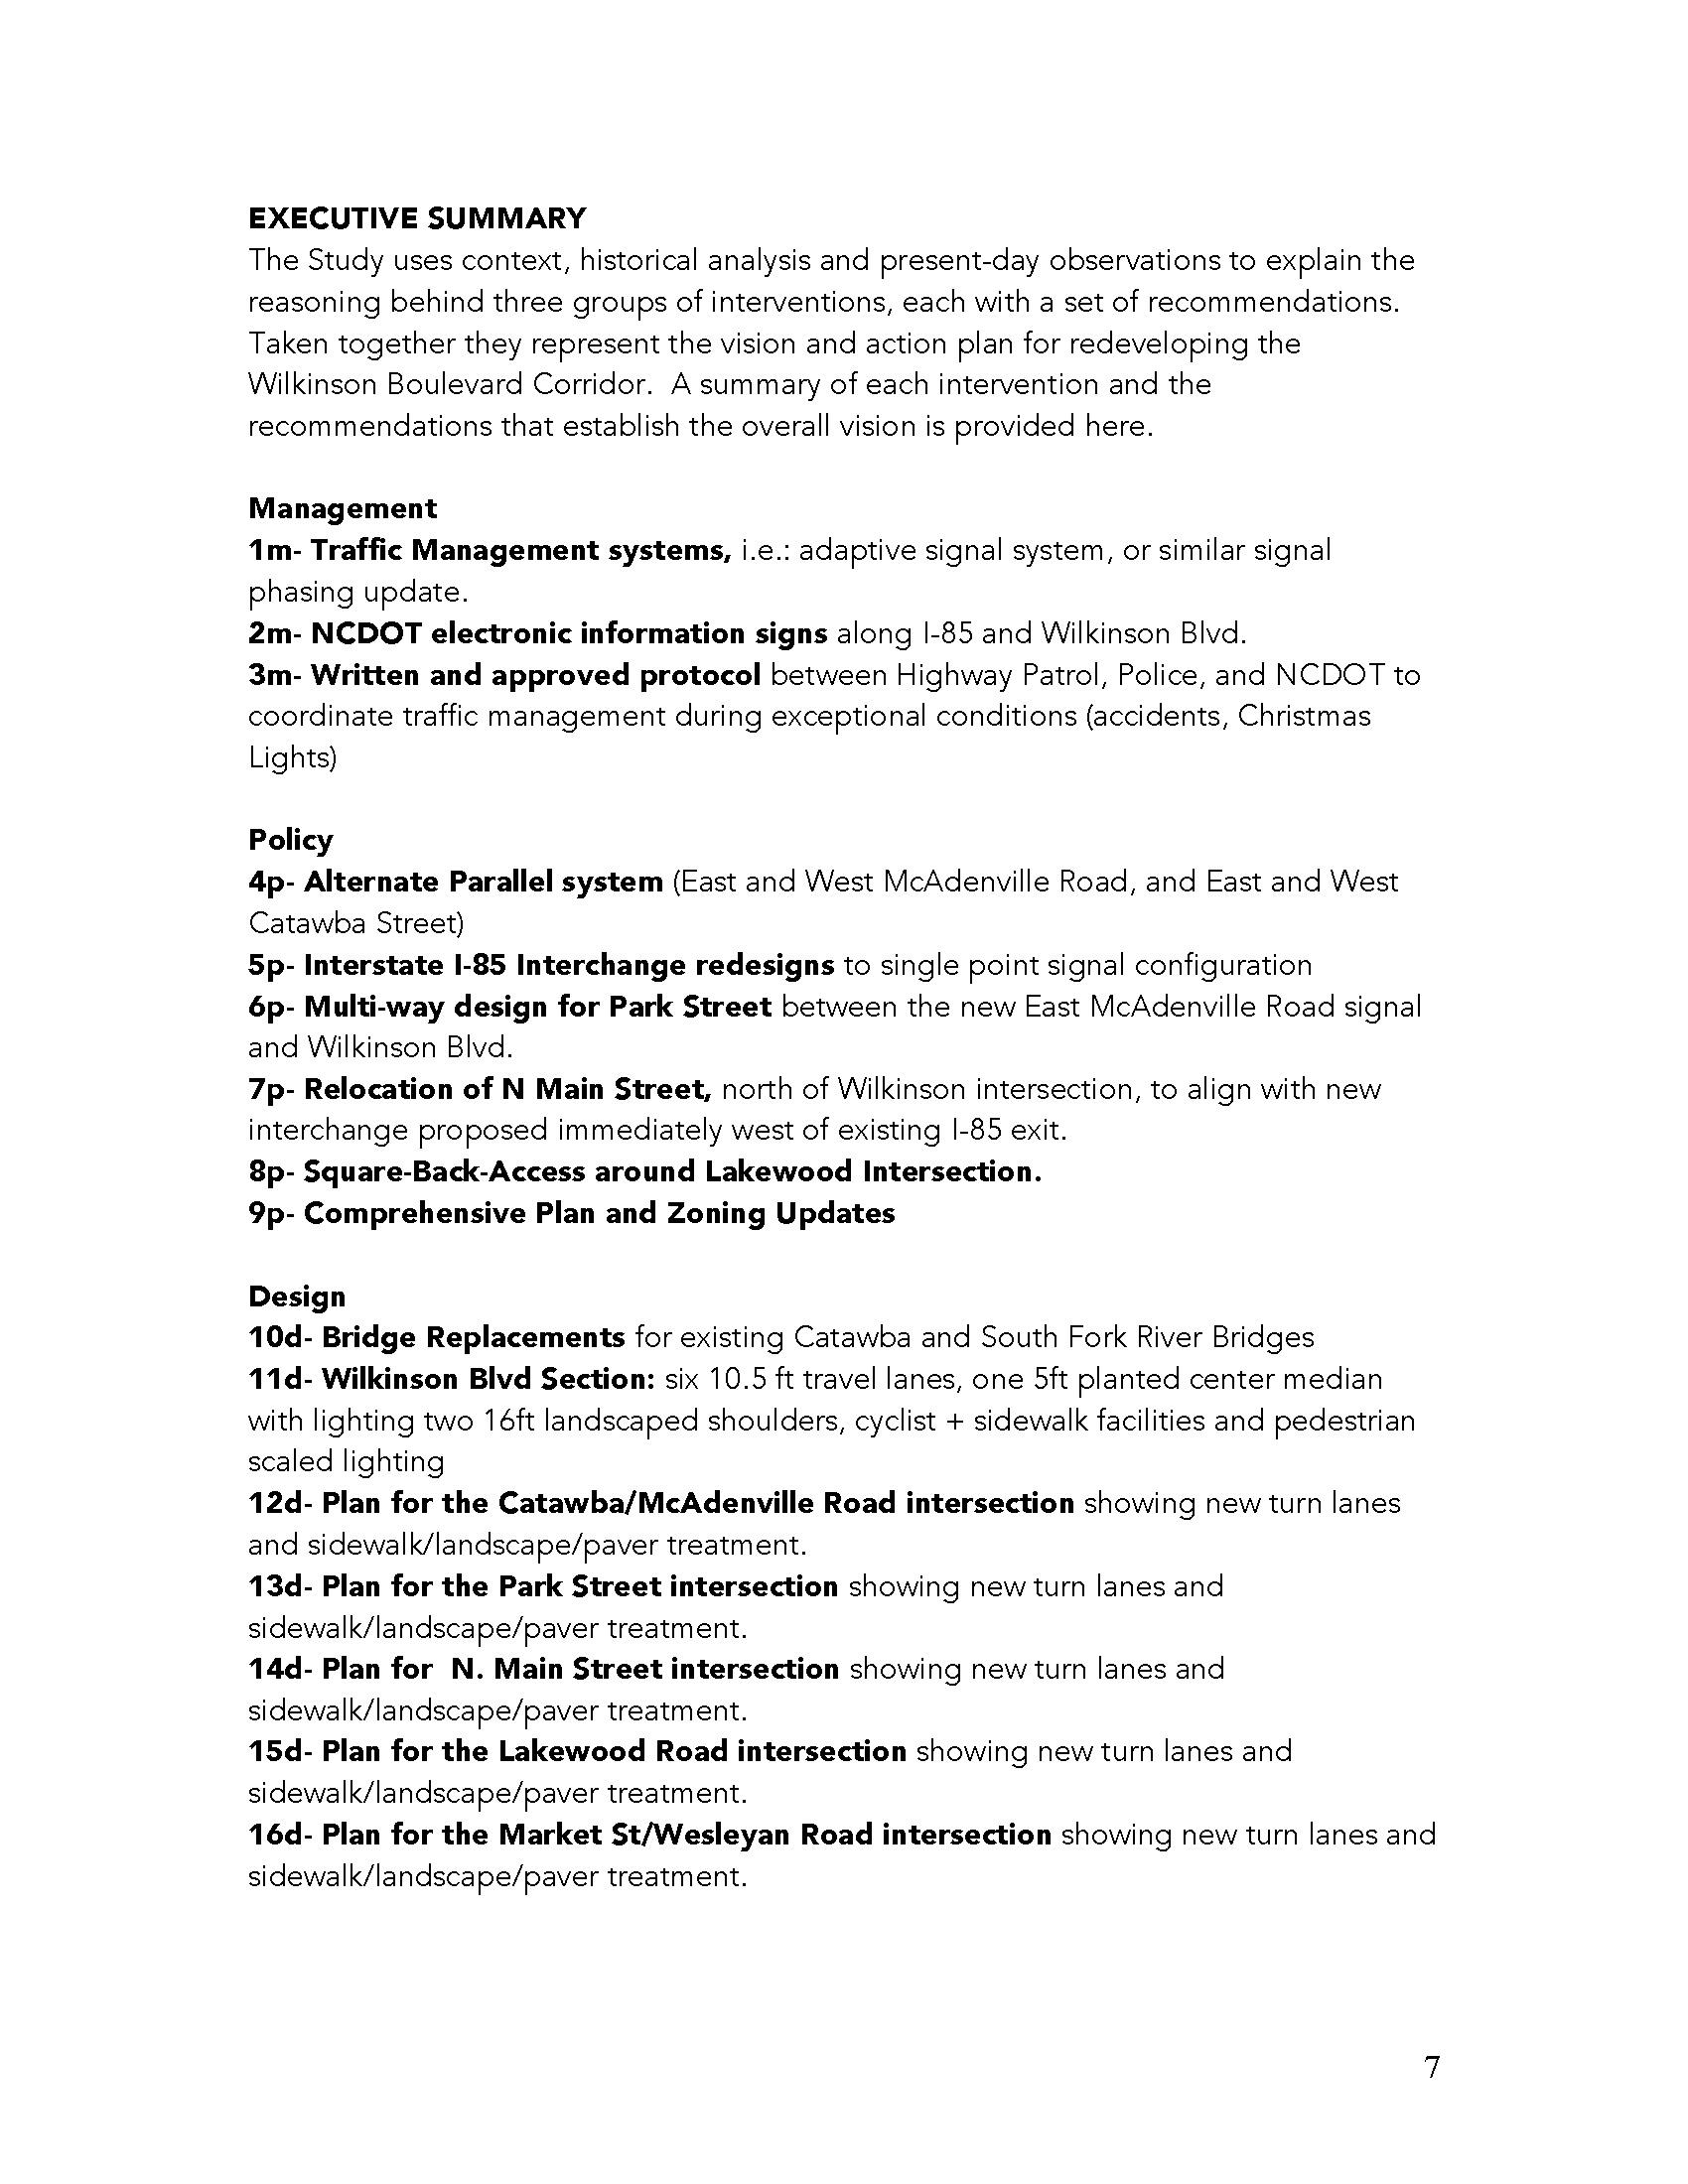 1 WilkinsonBlvd Draft Report 1-22-15 RH_Peter Edit_Page_07.jpg